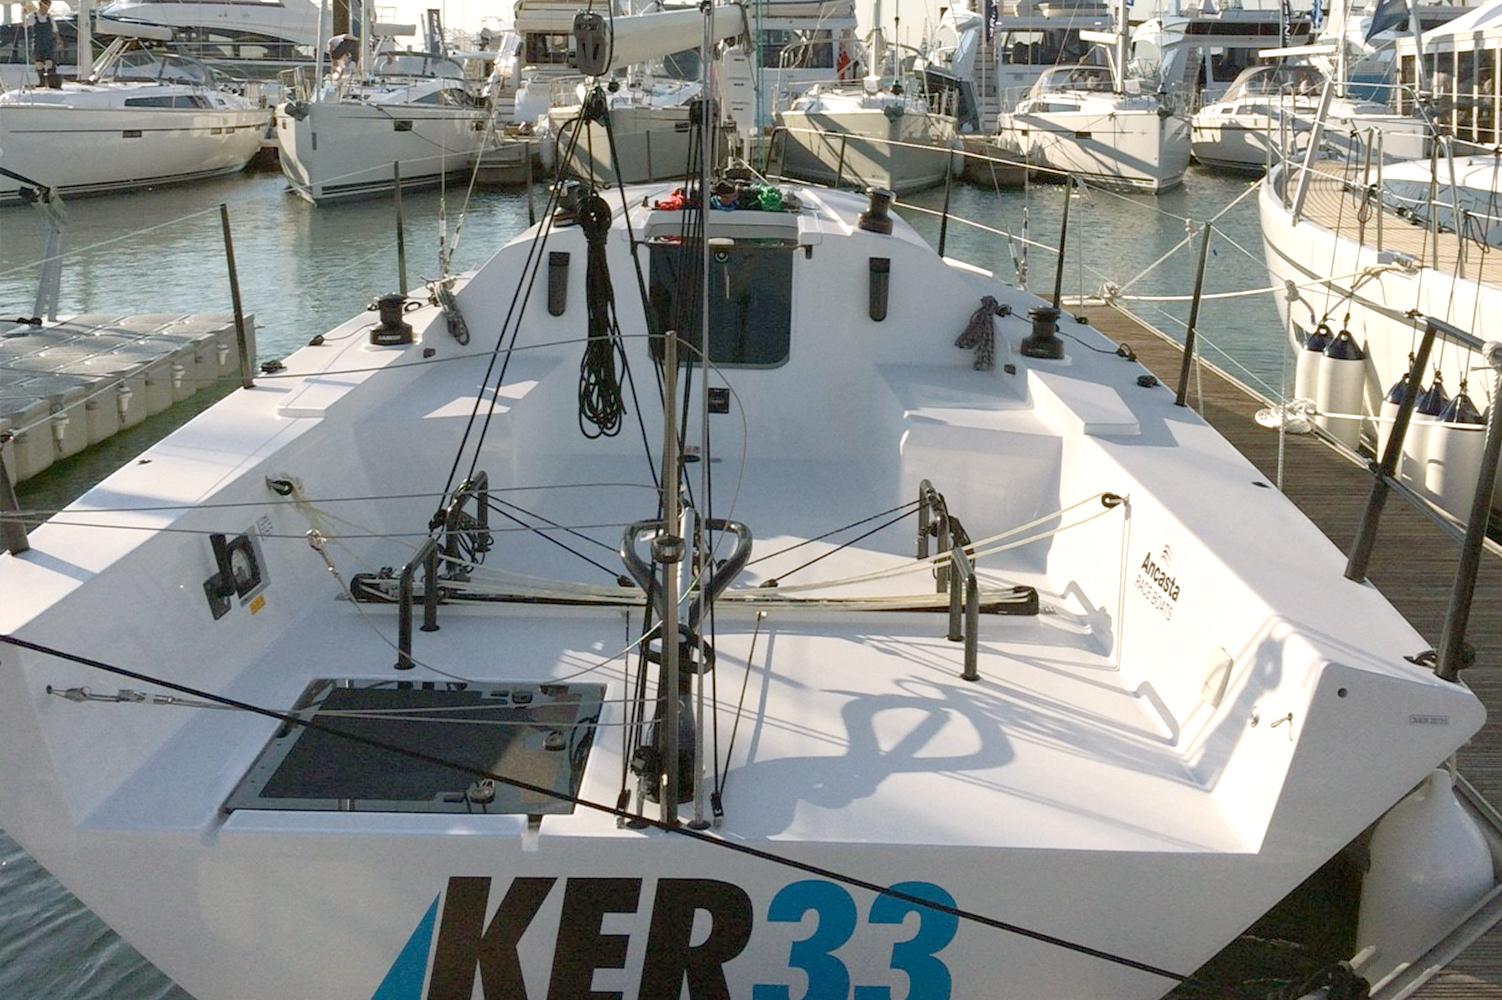 Southampton Ker33